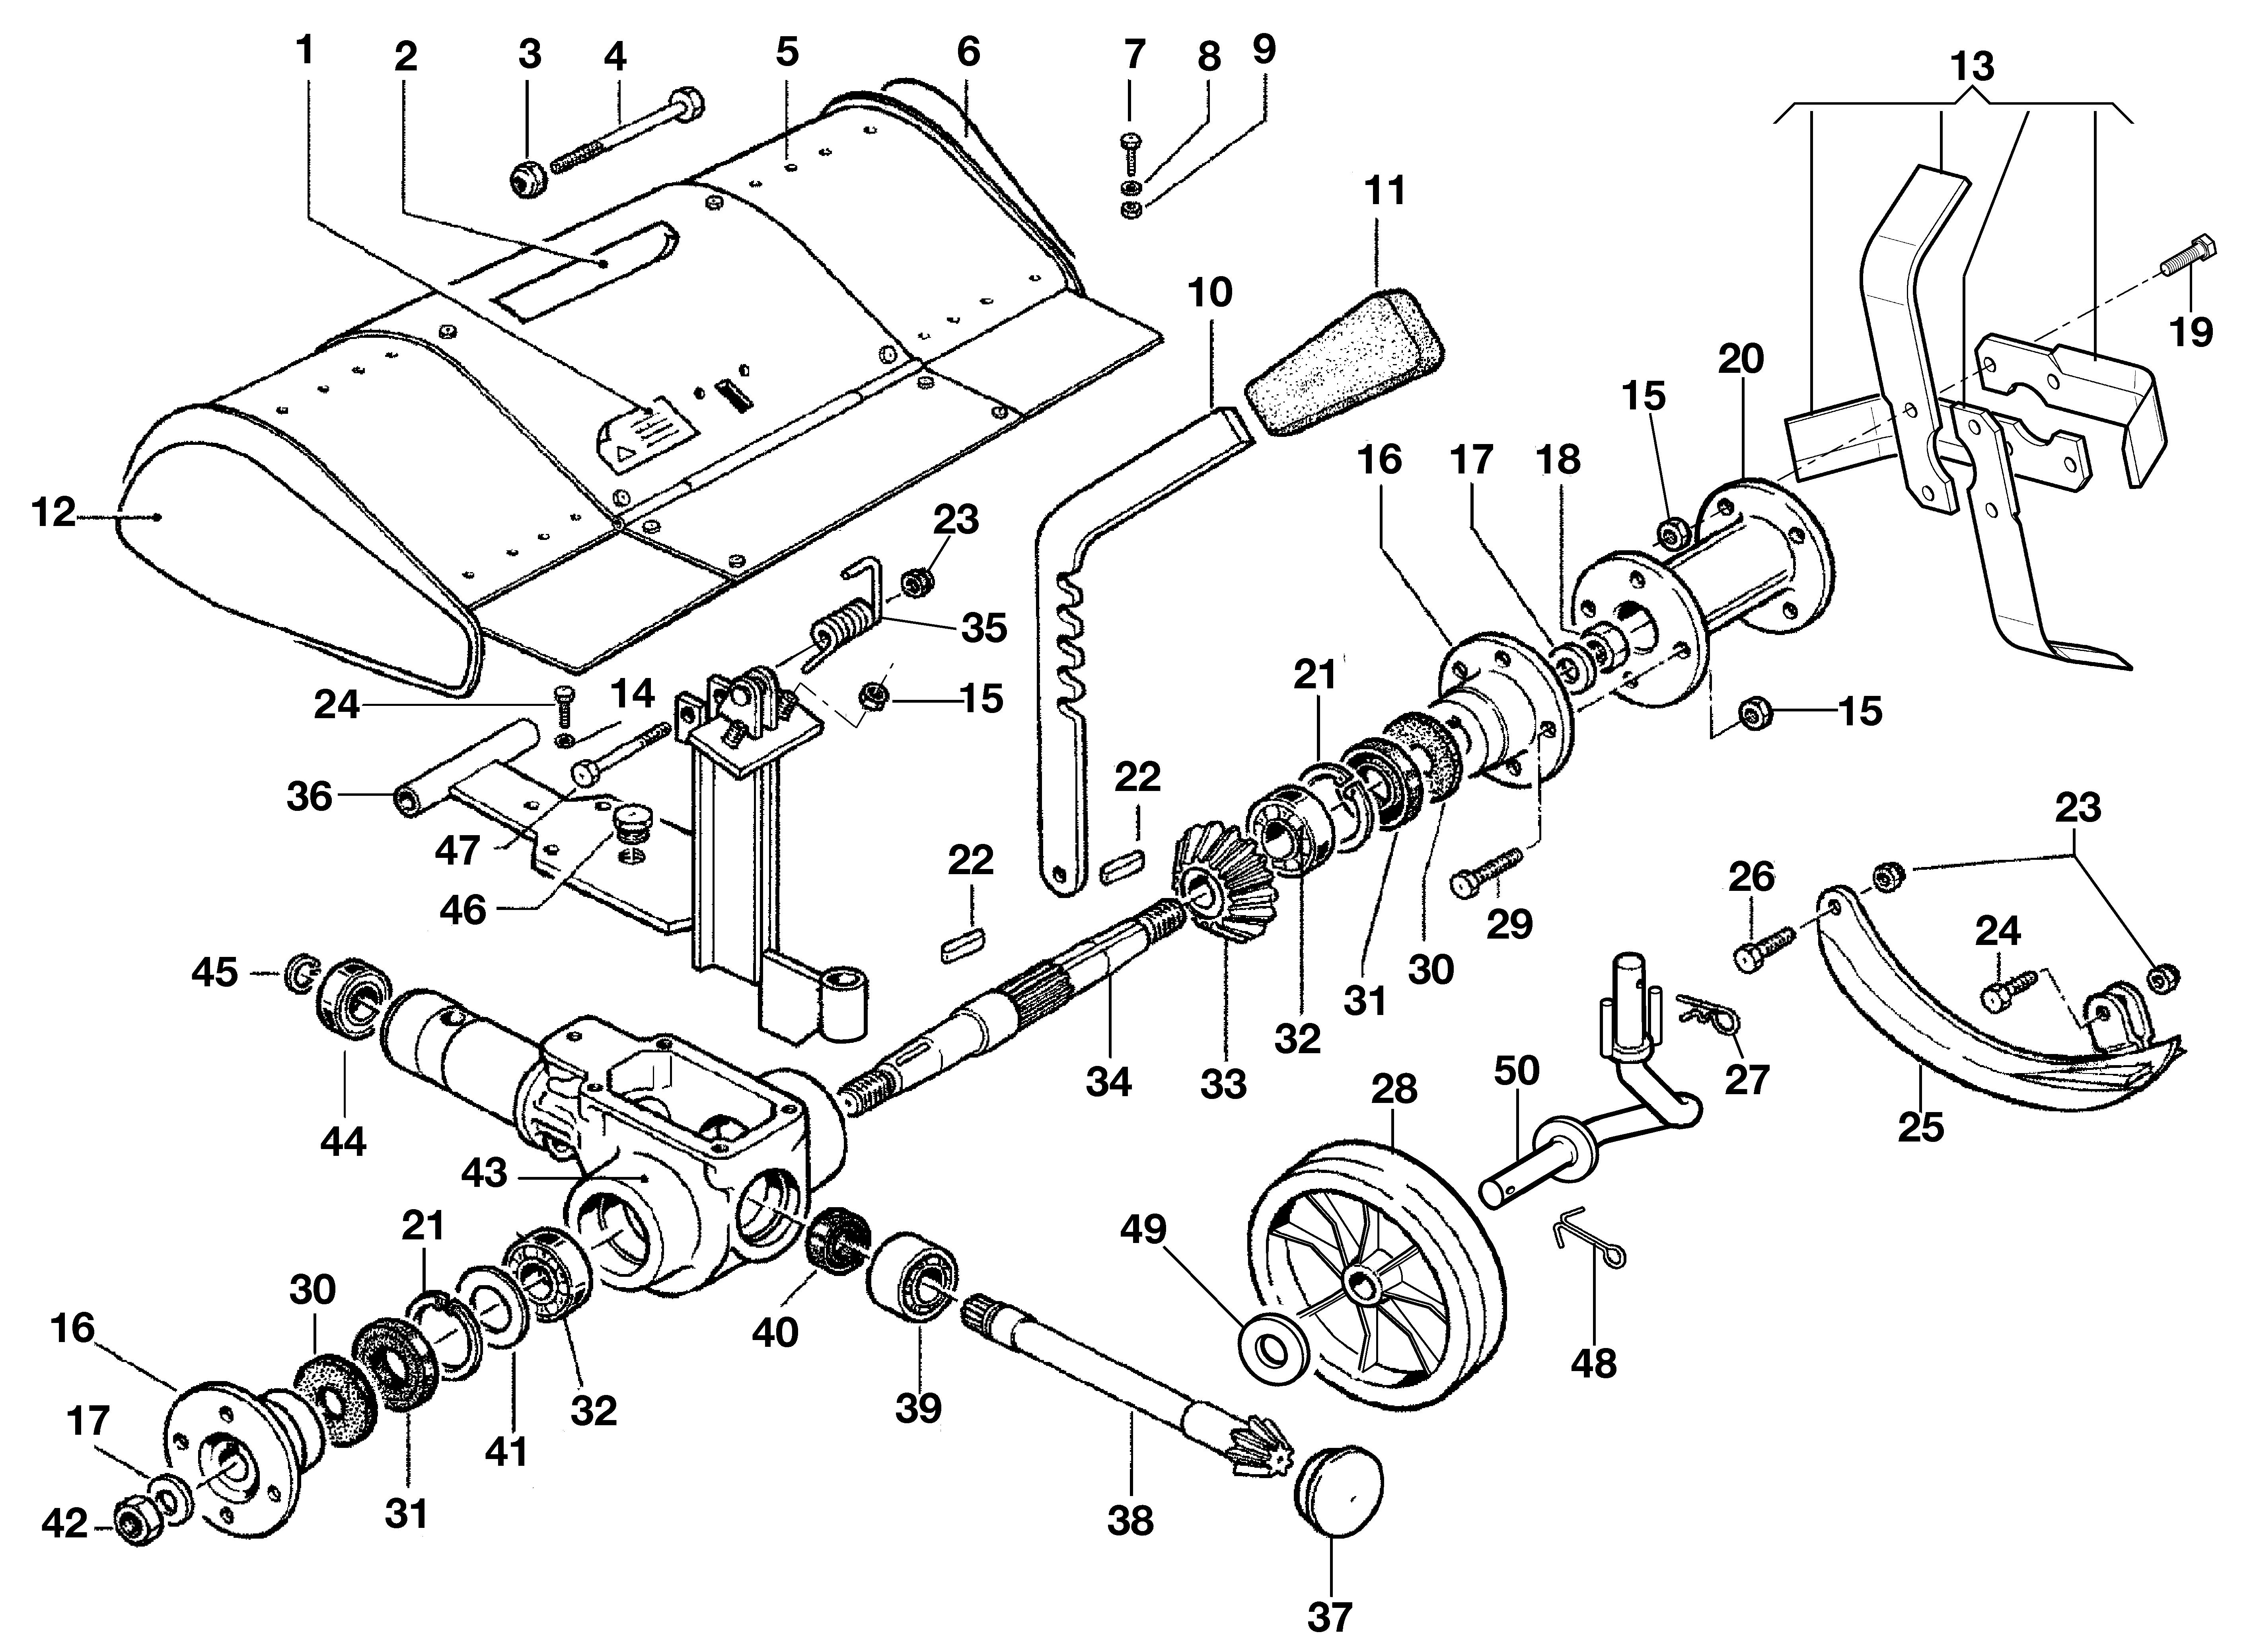 KAM 5 HF Motoculteur  OLEOMAC NIBBI vue éclatée  Dessins pièces -  Fraise avec quickfit